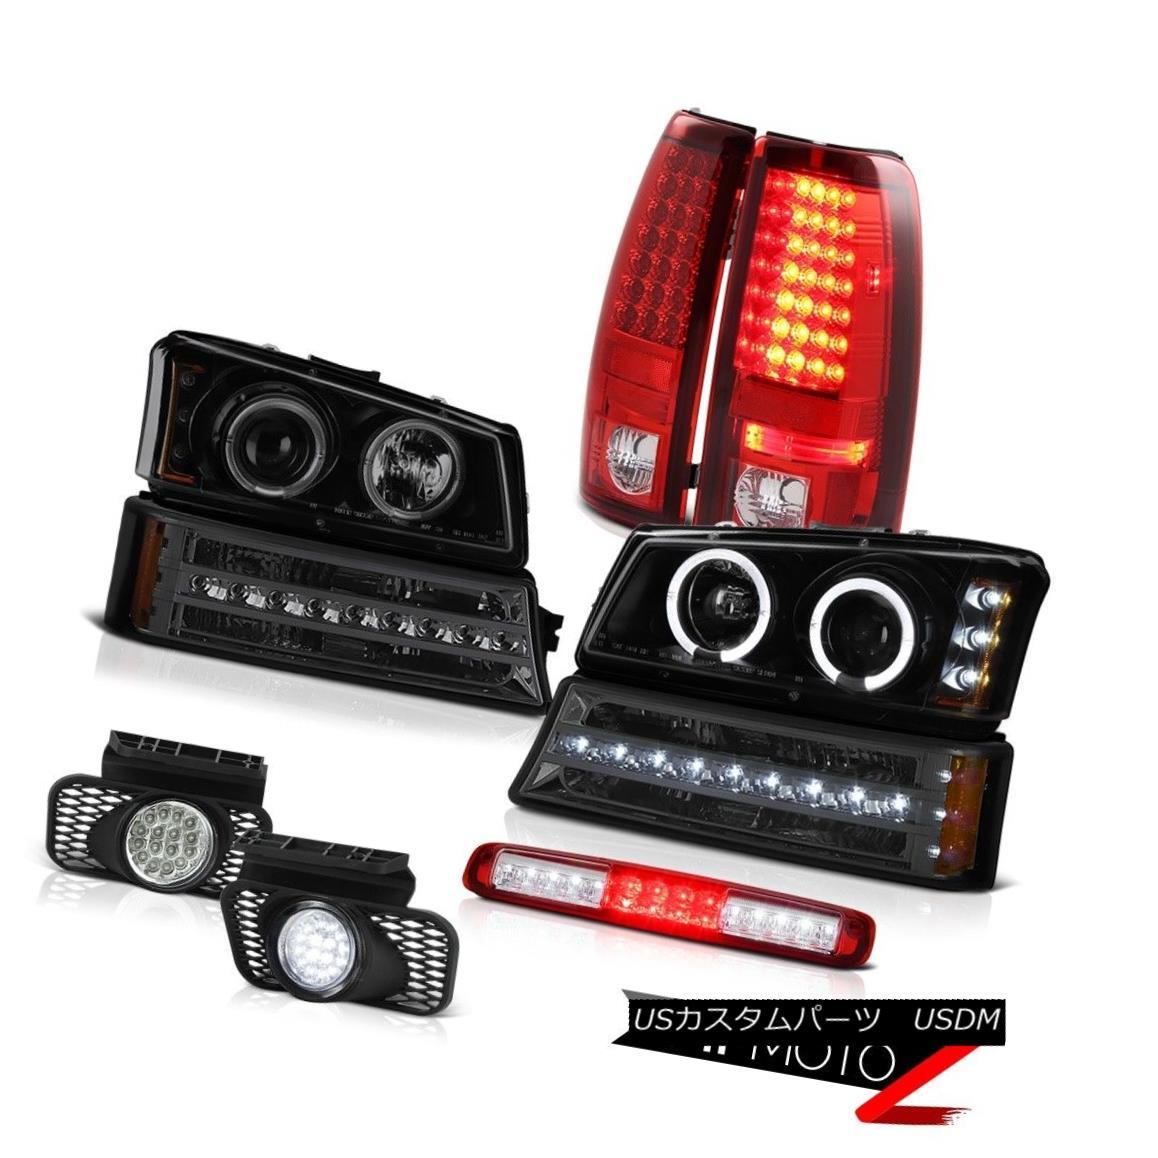 テールライト 03-06 Silverado Red Roof Cab Lamp Foglamps Bumper Light Headlamps Tail Lamps 03-06シルバラードレッドルーフキャブランプフォグランプバンパーライトヘッドランプテールランプ